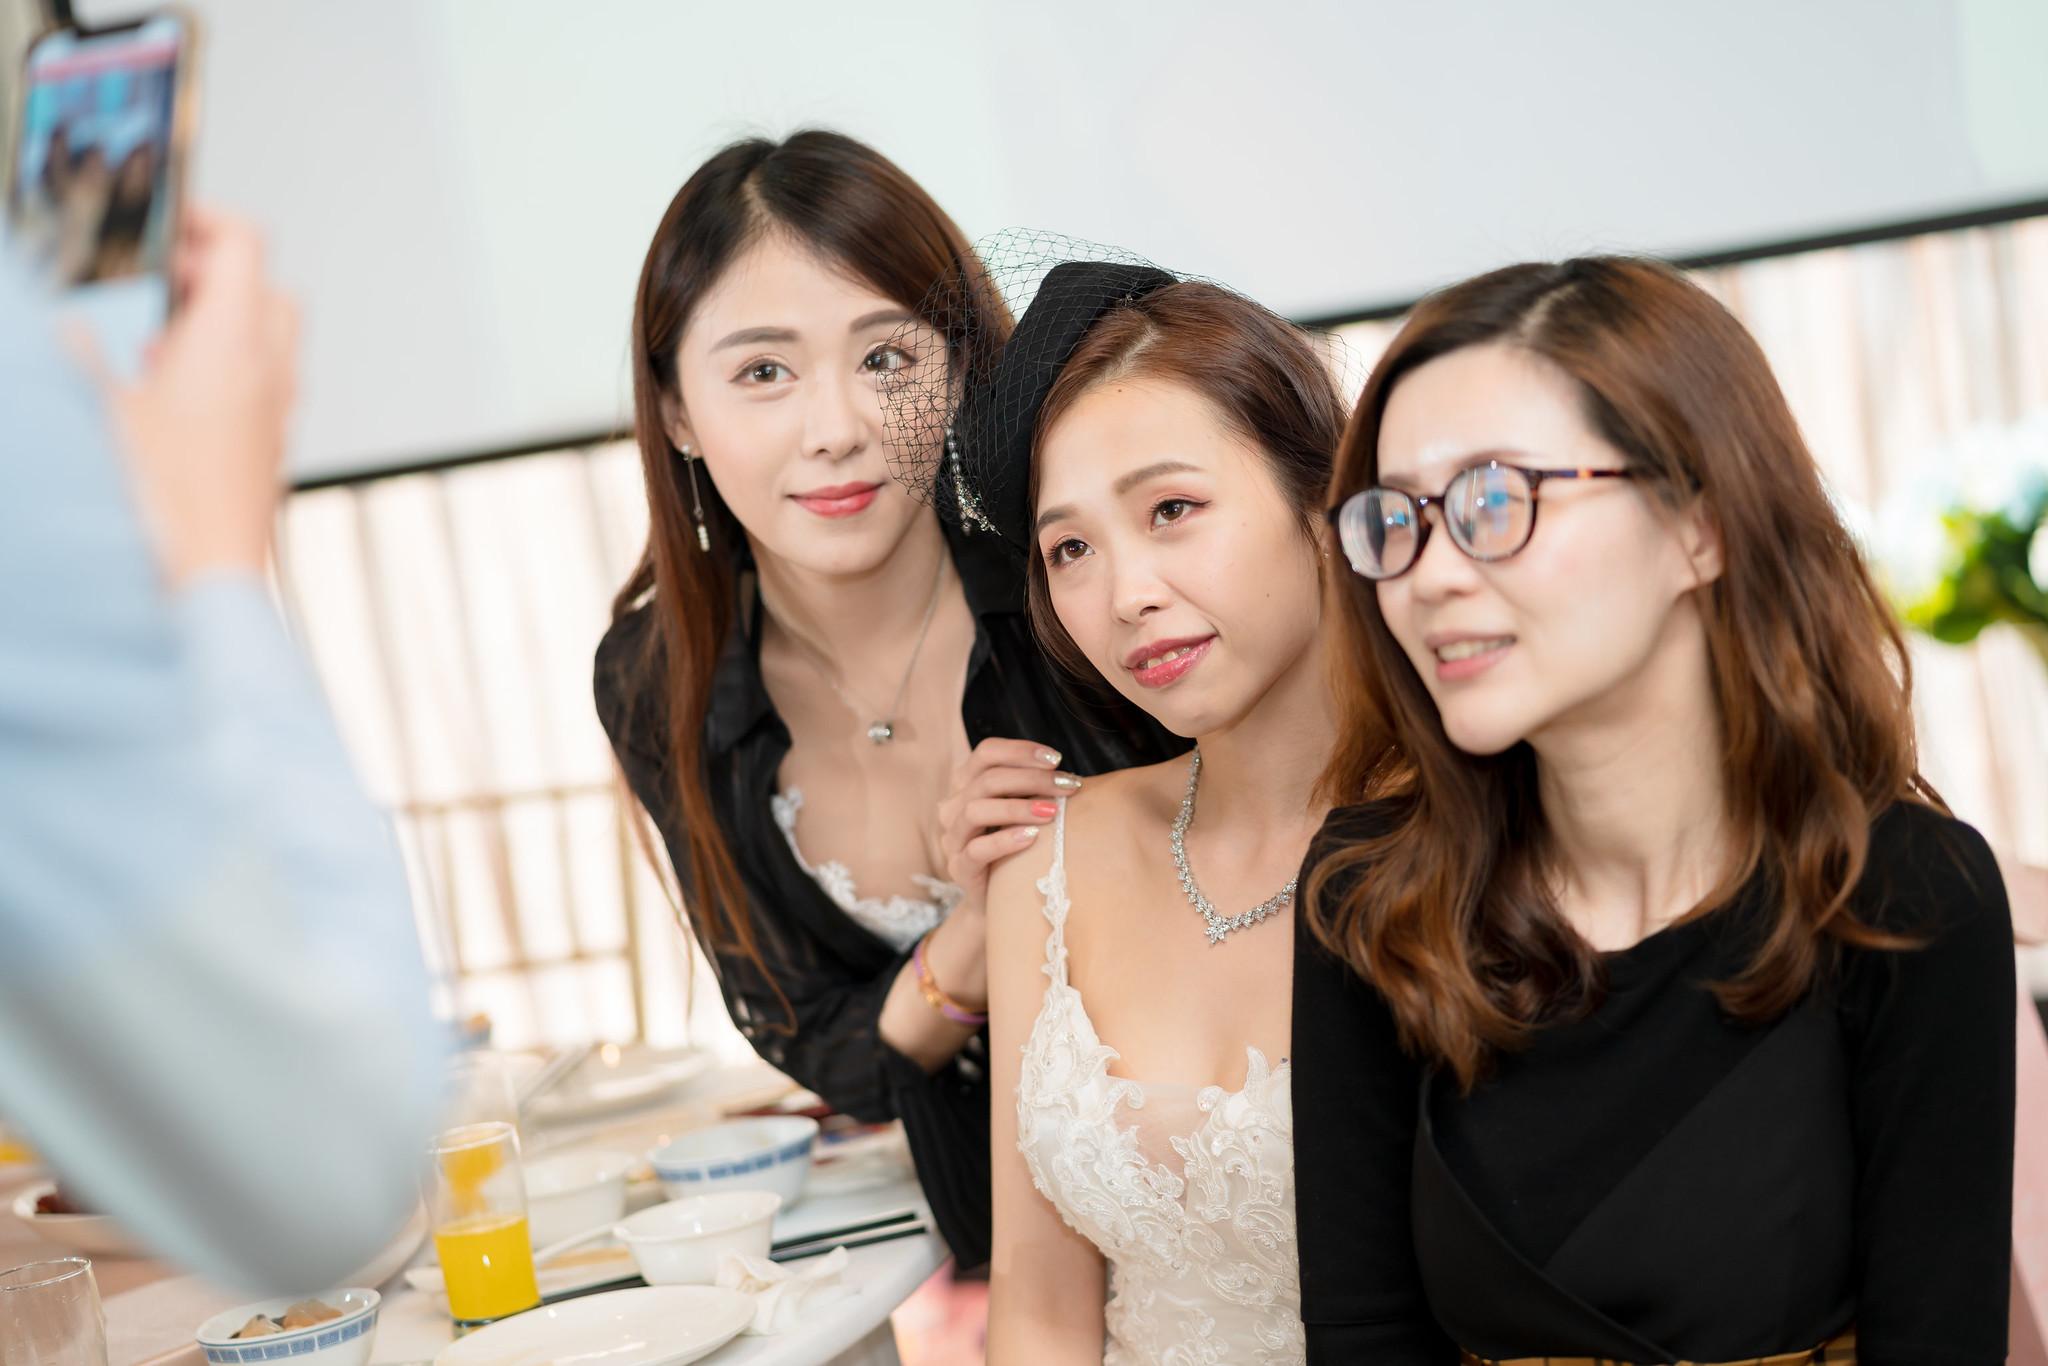 台北婚禮紀錄,婚禮紀錄,台北婚禮攝影師,彭園壹品宴,台北彭園